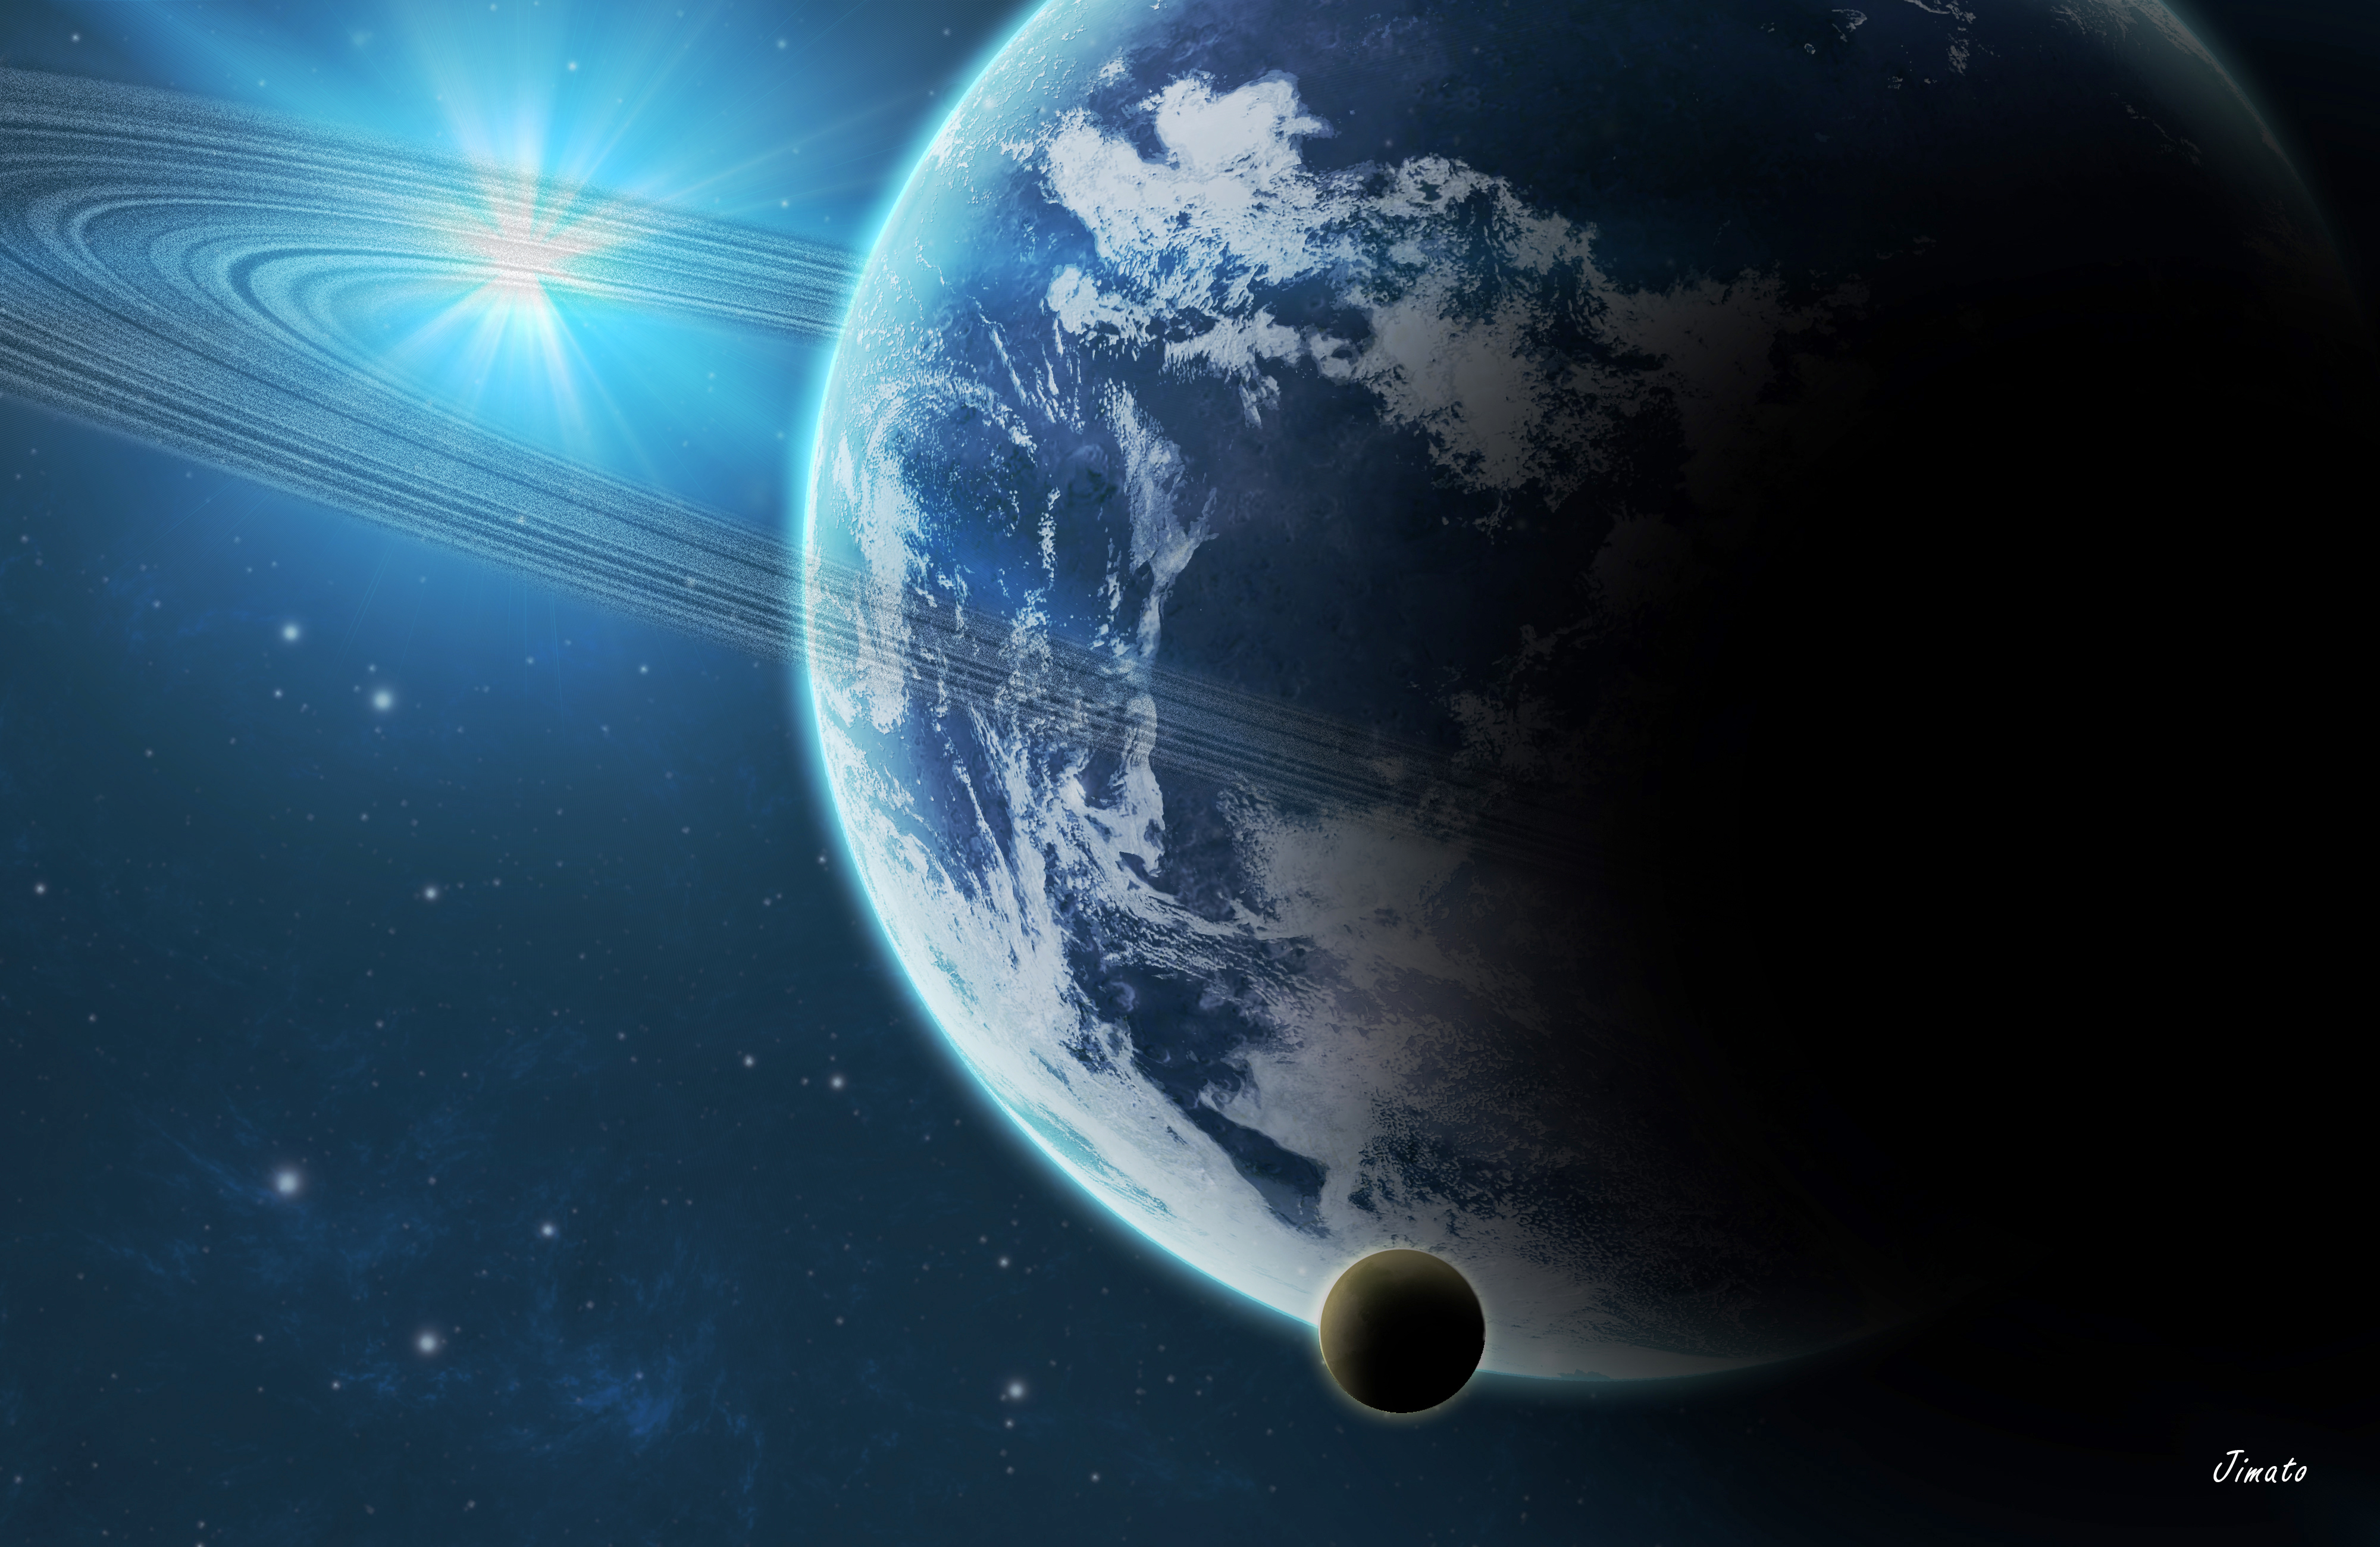 Обои Горячая планета картинки на рабочий стол на тему Космос - скачать бесплатно